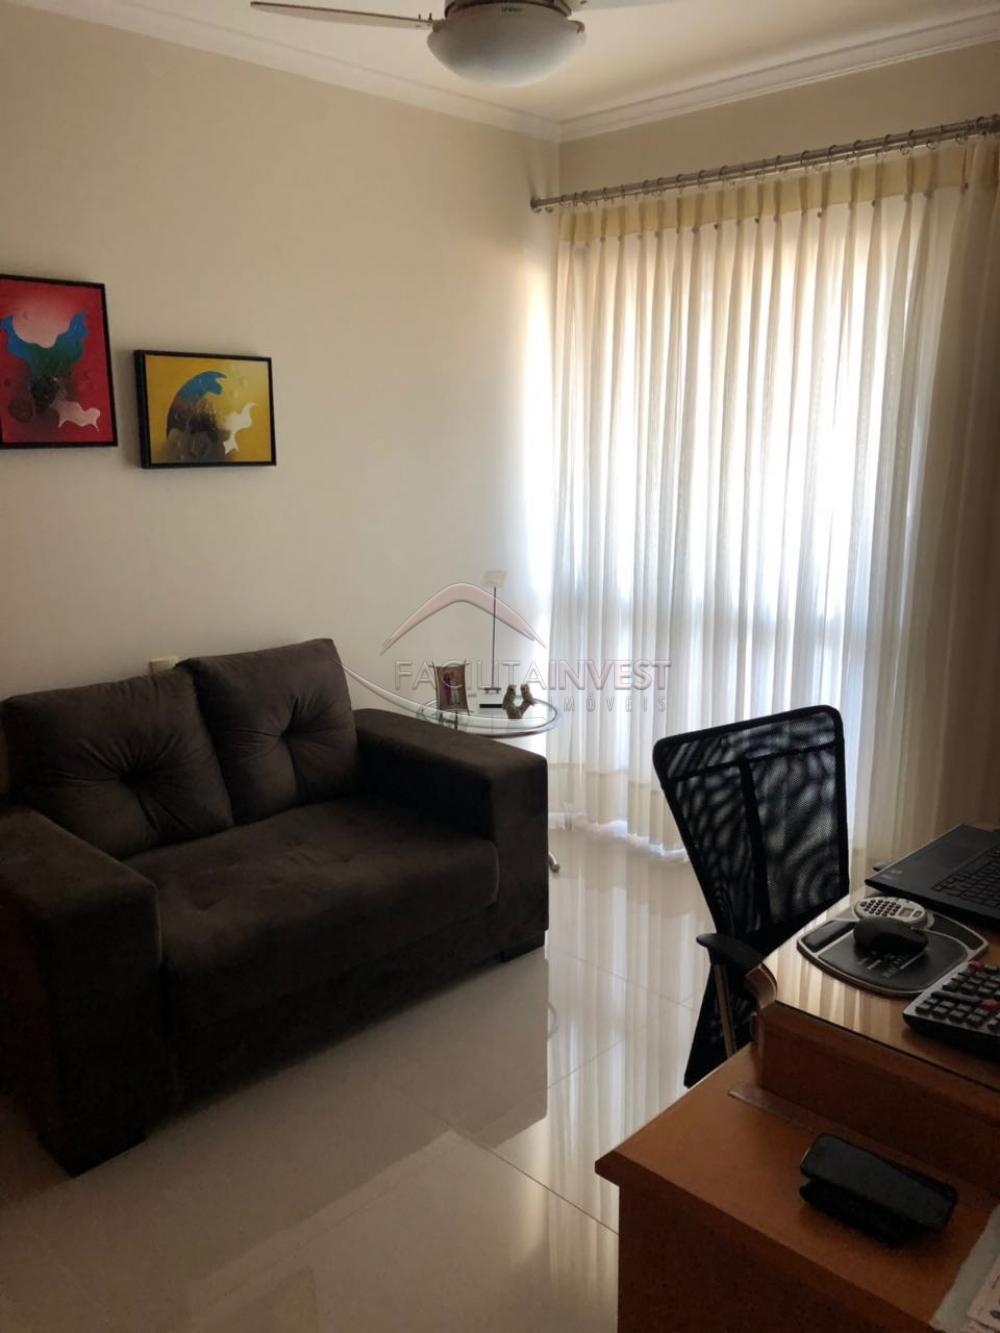 Comprar Apartamentos / Apart. Padrão em Ribeirão Preto apenas R$ 980.000,00 - Foto 11